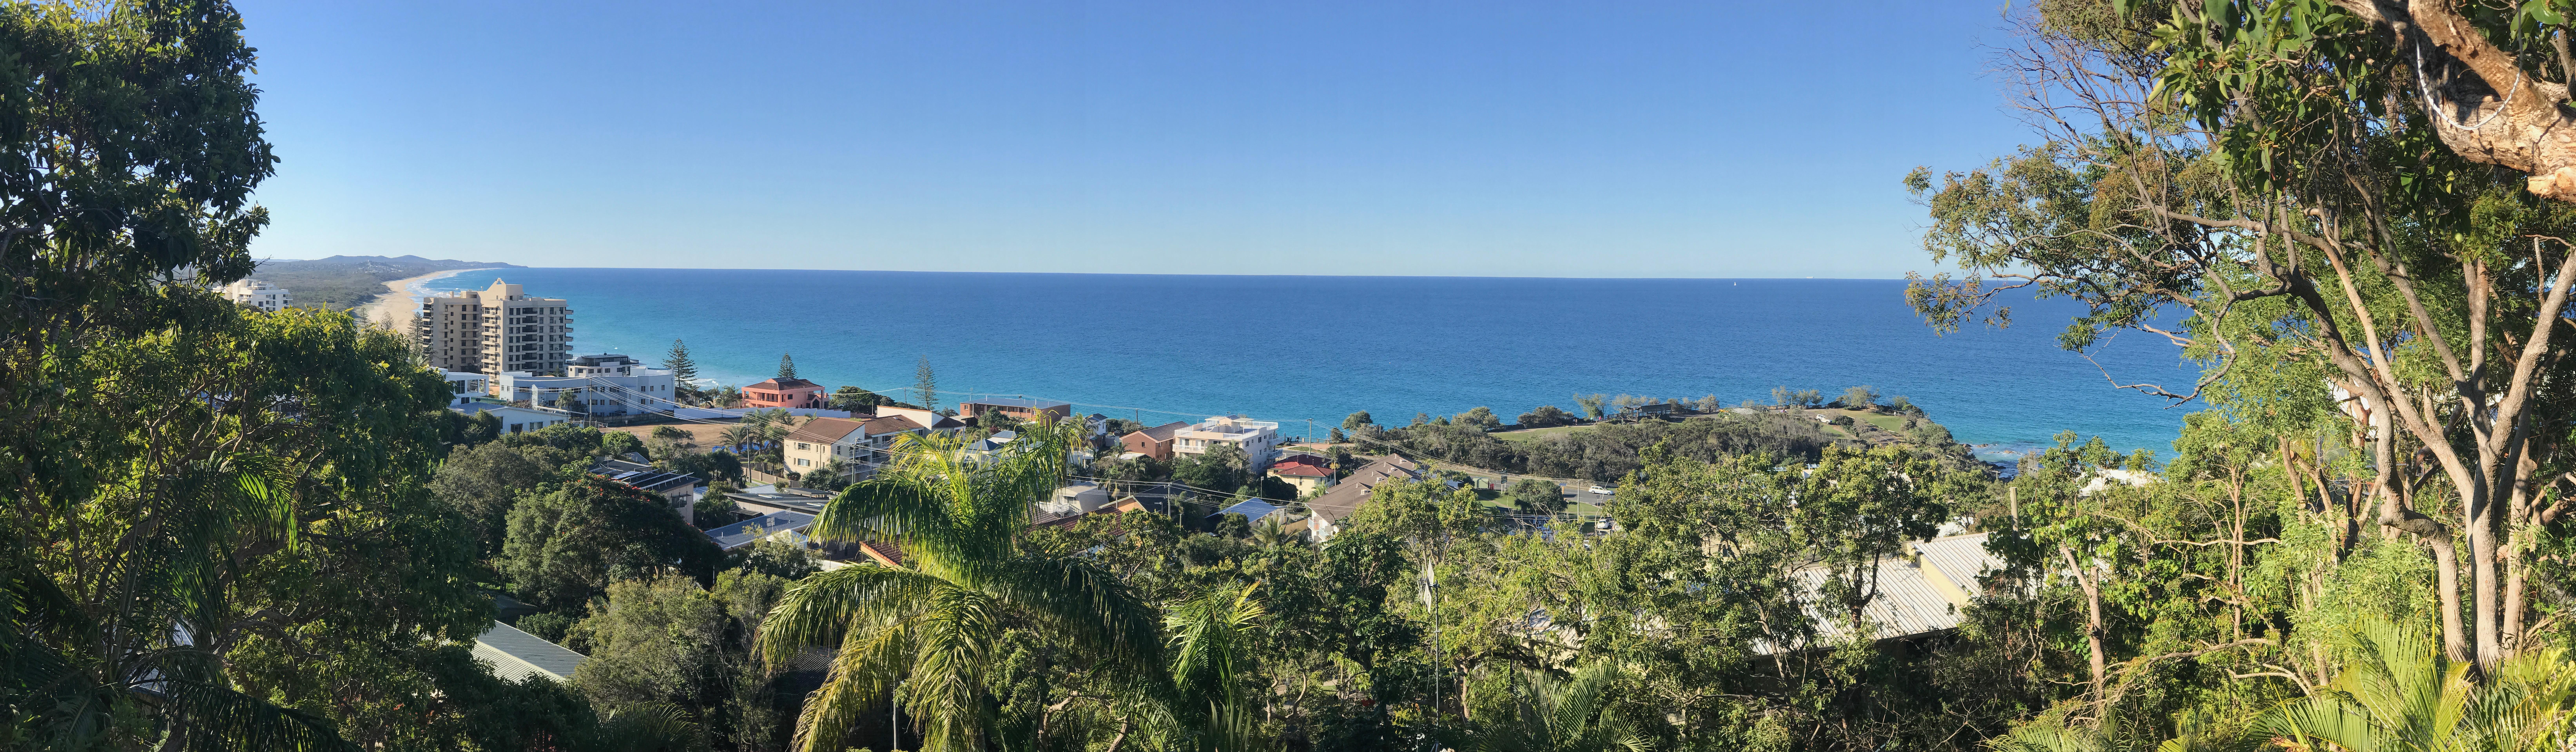 ocean_view_holiday_rental